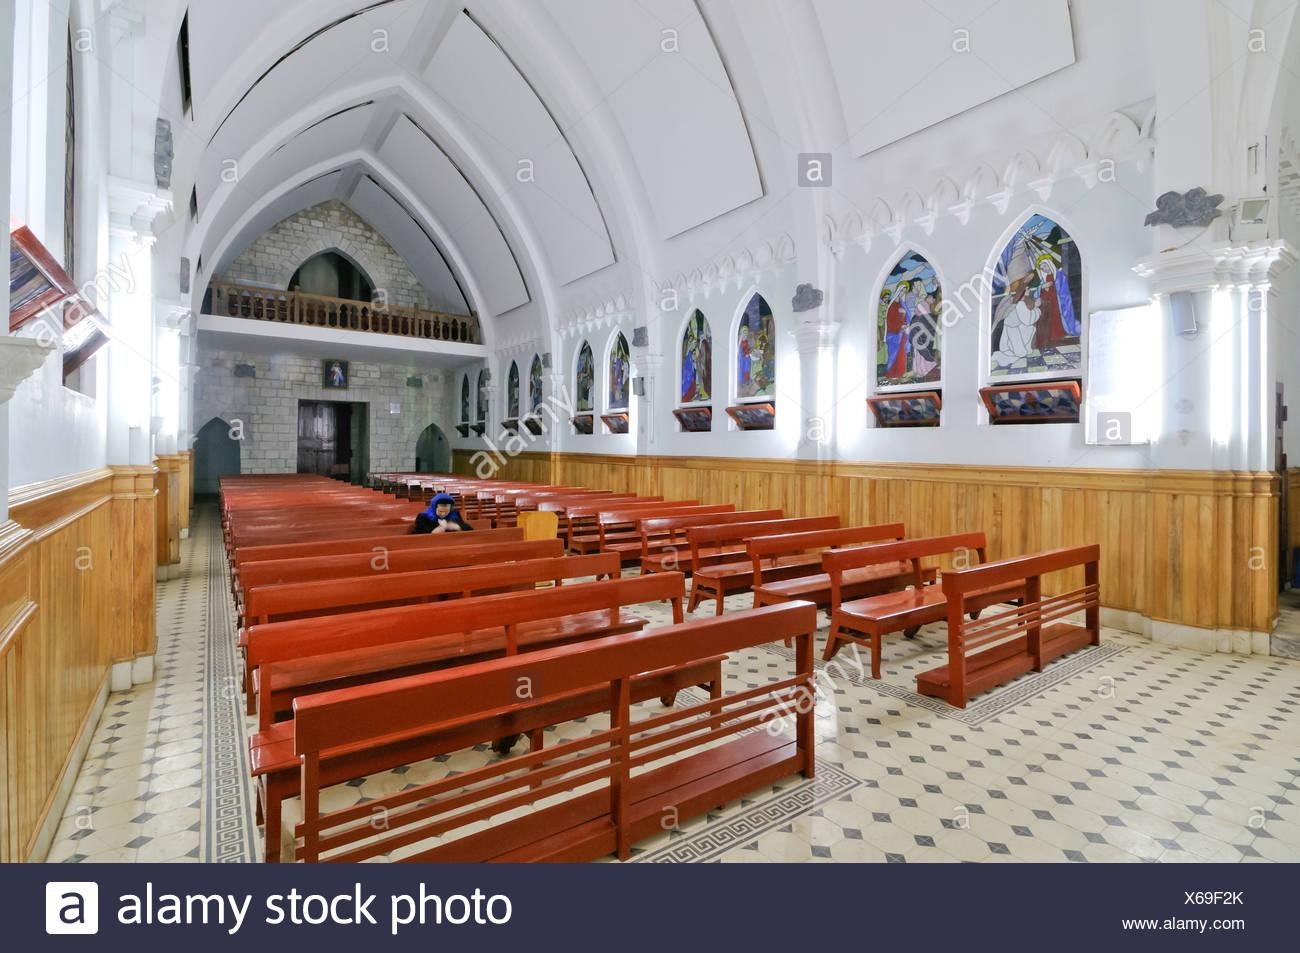 Interior and altar, famous French Church, Nha tho da Sa Pa, Thi tran Sapa, Sapa or Sa Pa, Lao Cai province, northern Vietnam - Stock Image